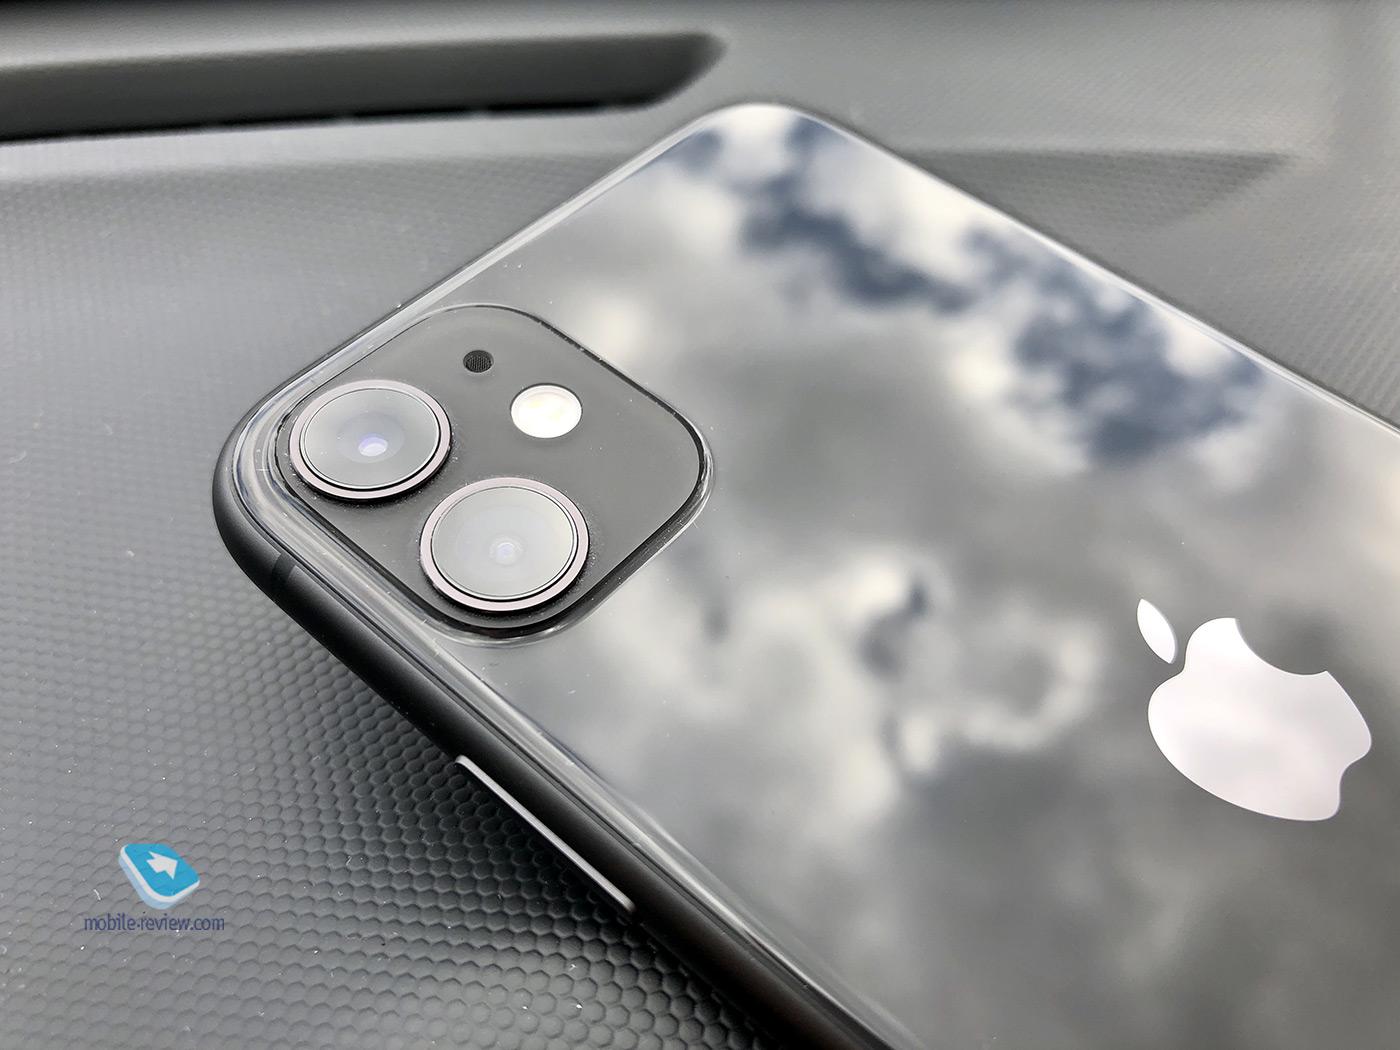 Mobile-review.com Десять причин не покупать iPhone 11